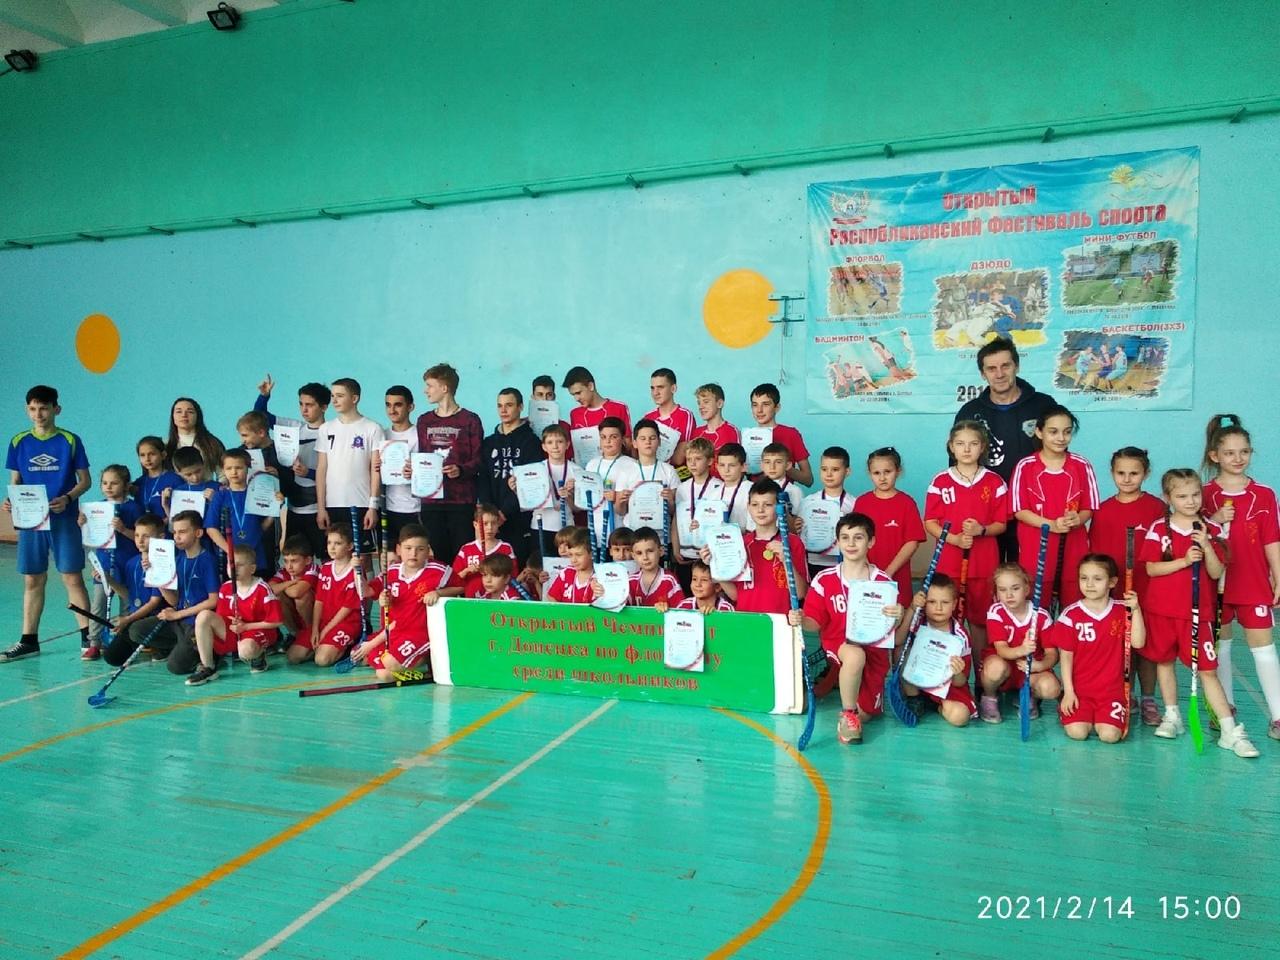 Завершился первый тур соревнований по флорболу среди школьников